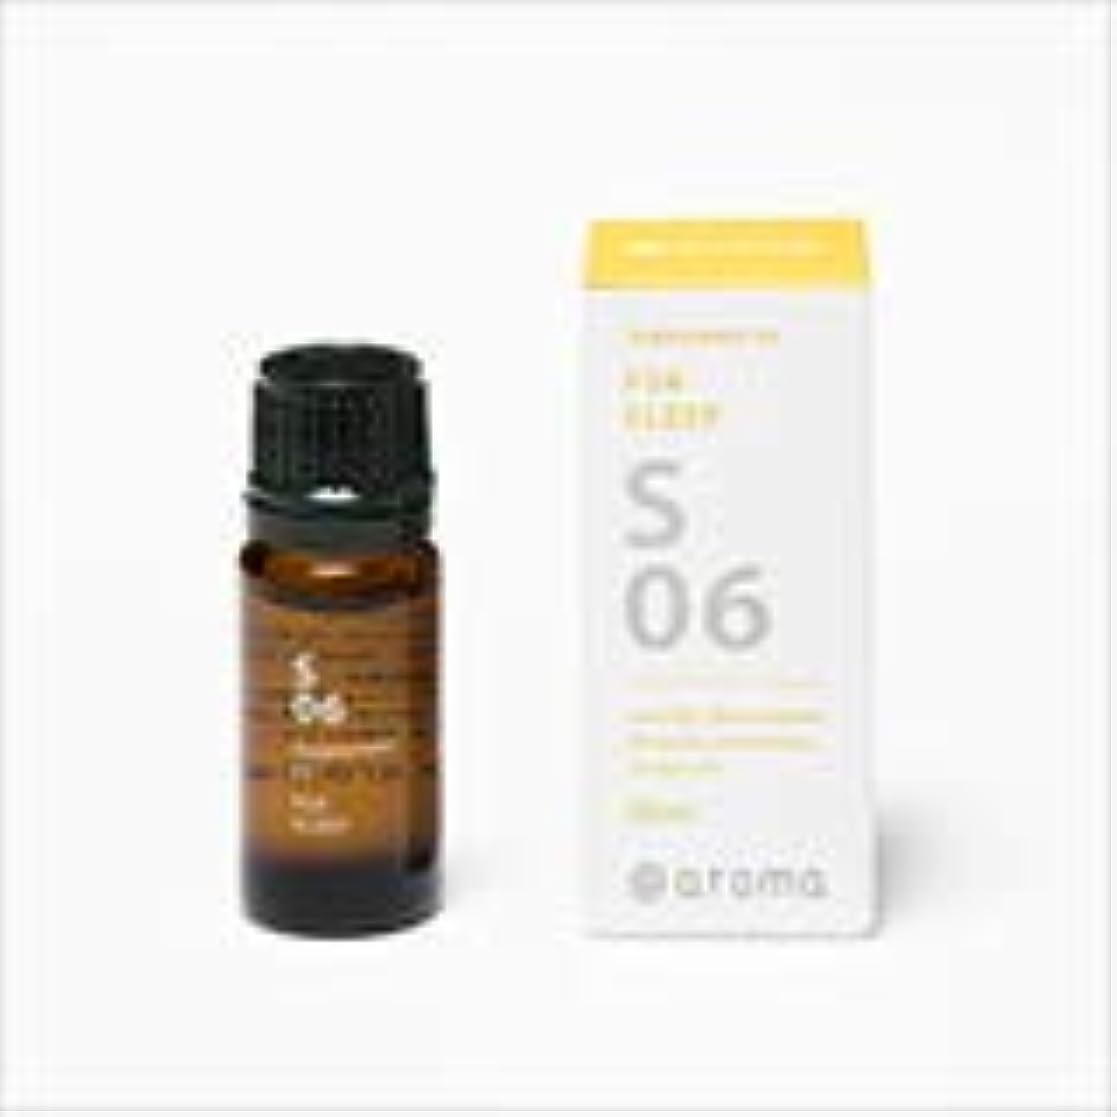 注目すべき甘美な公式アットアロマ 100%pure essential oil <Supplement air リフレッシュ>